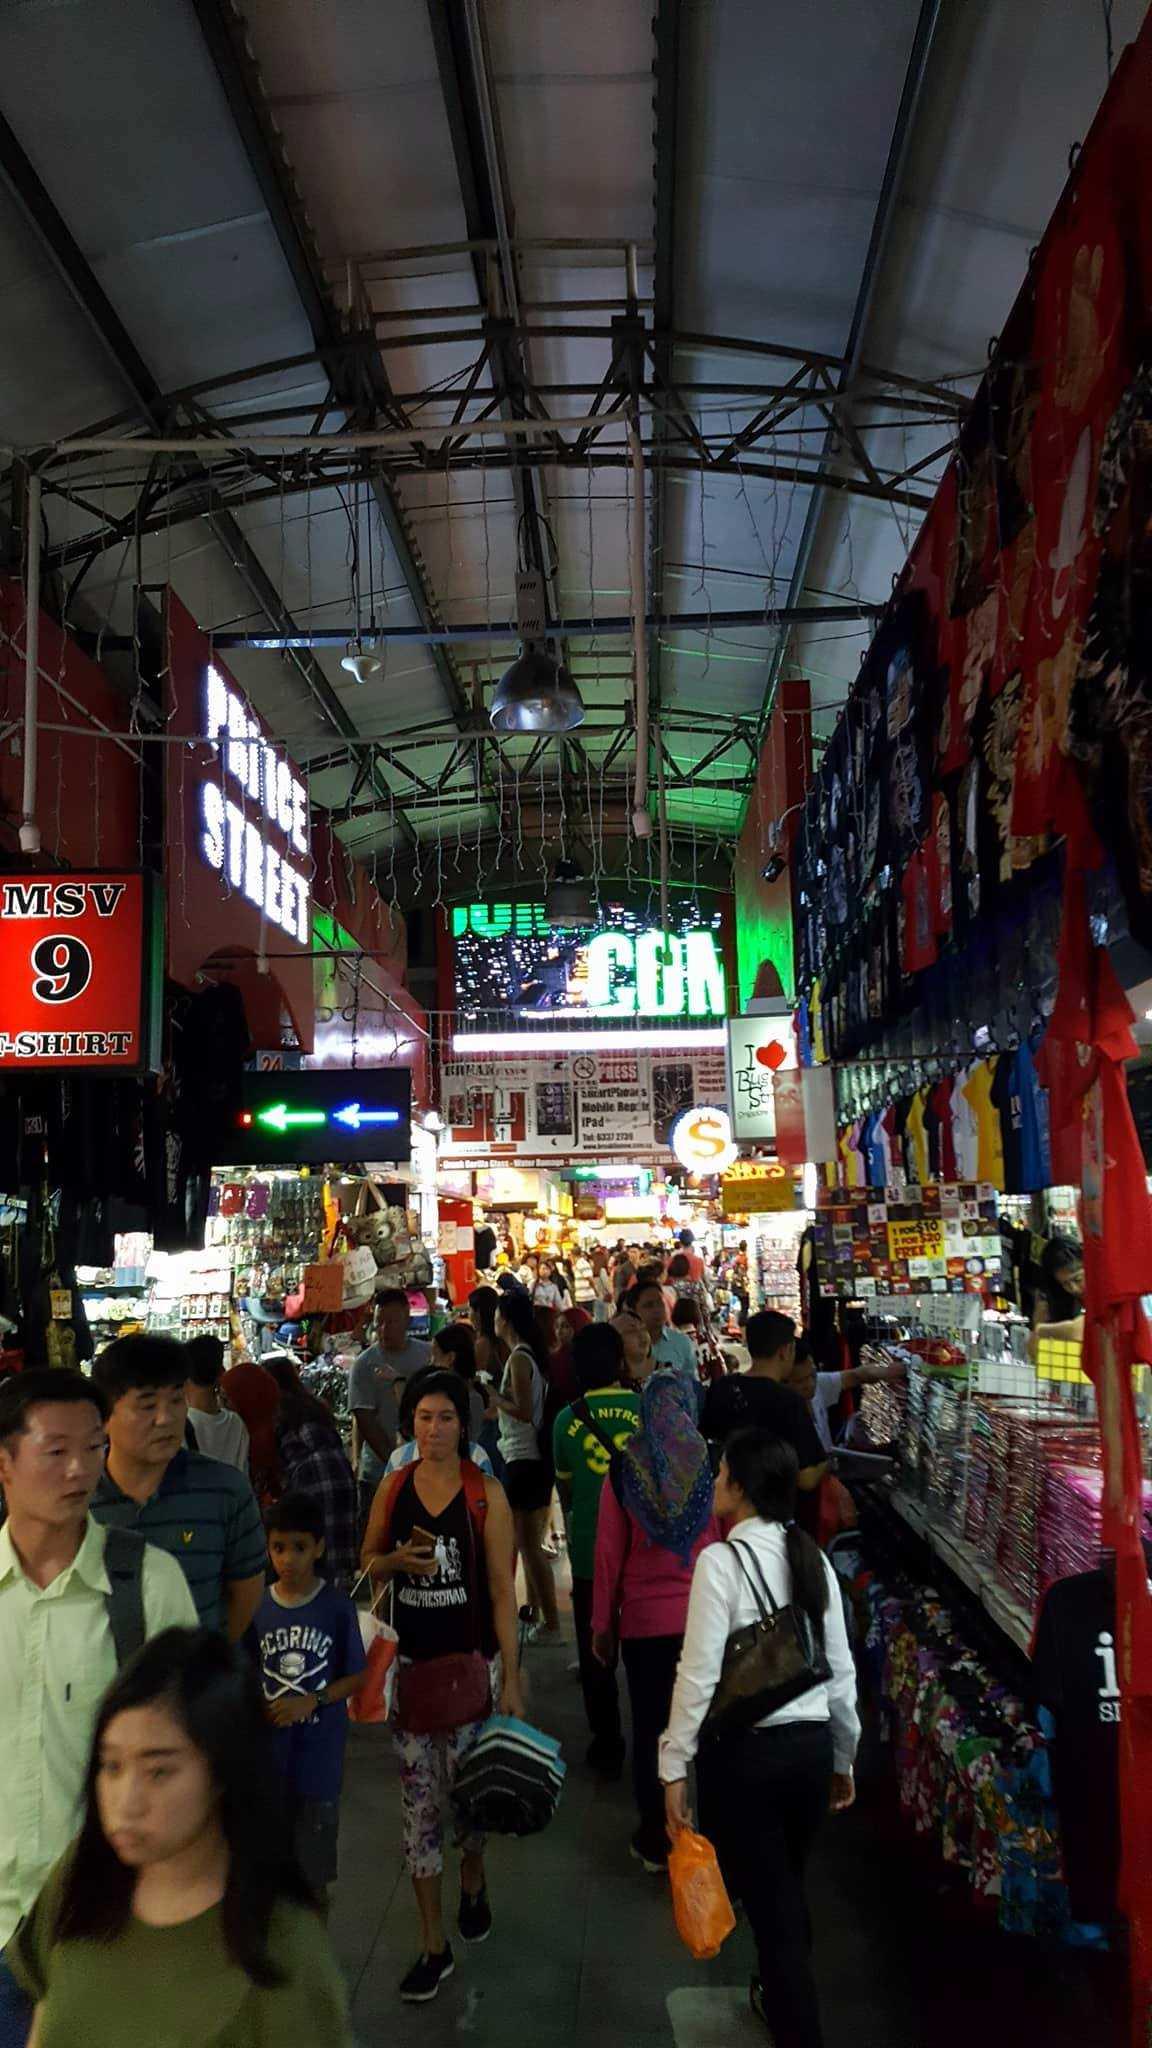 Bilde av et folksomt matmarked i Singapore.